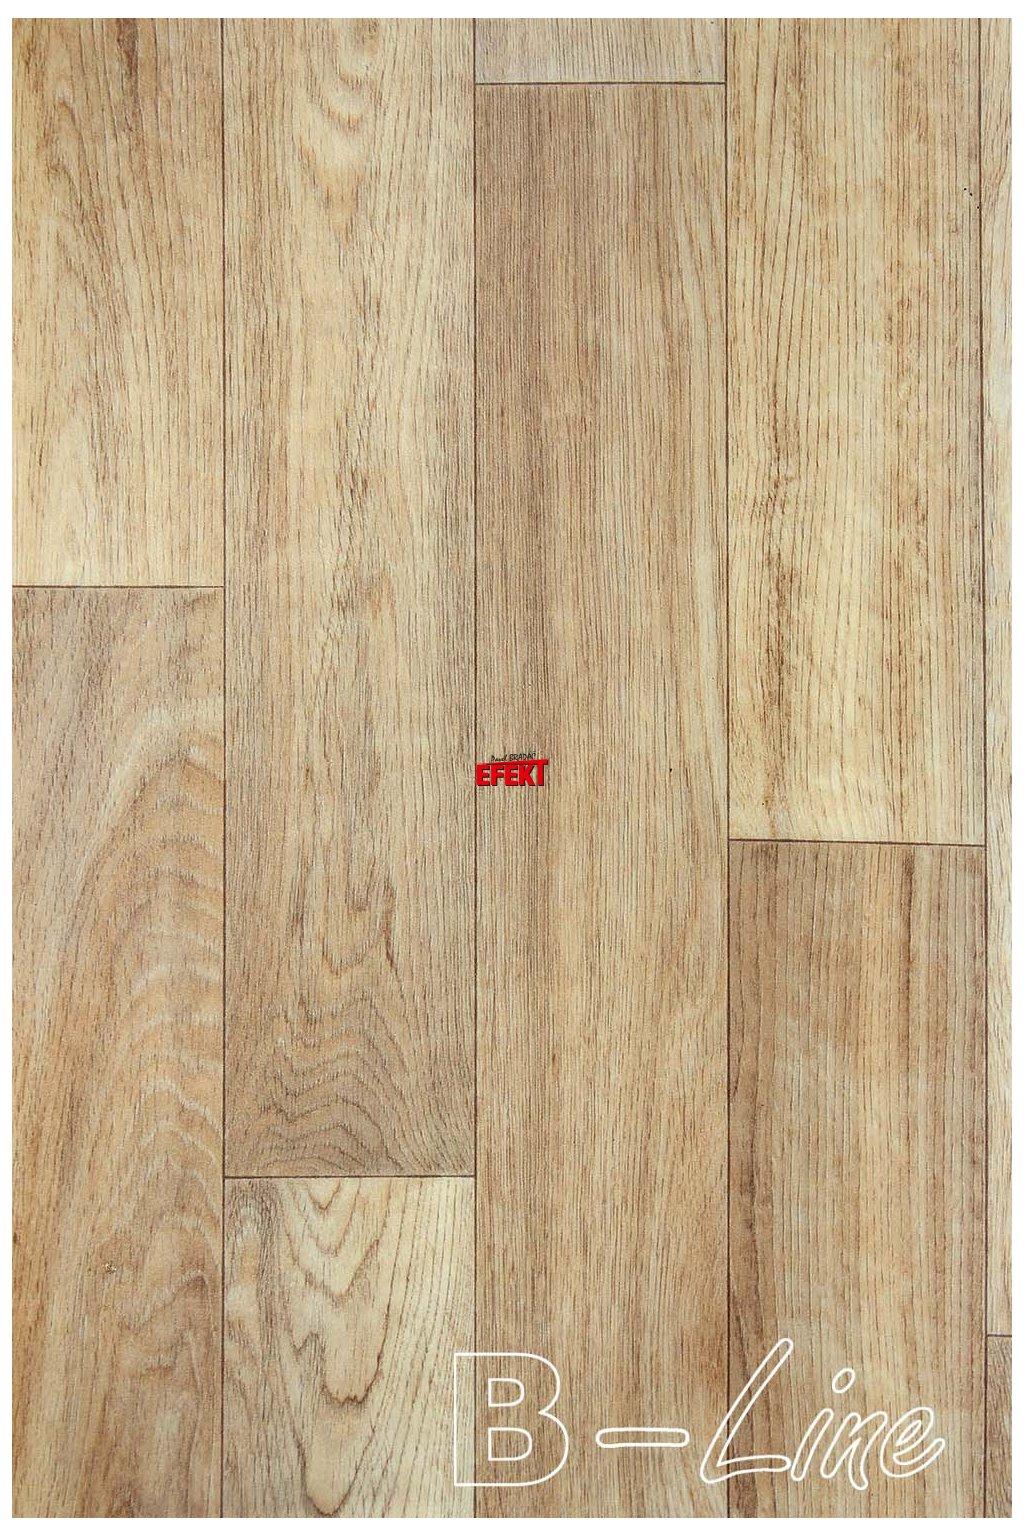 Xtreme-Natural Oak 226M